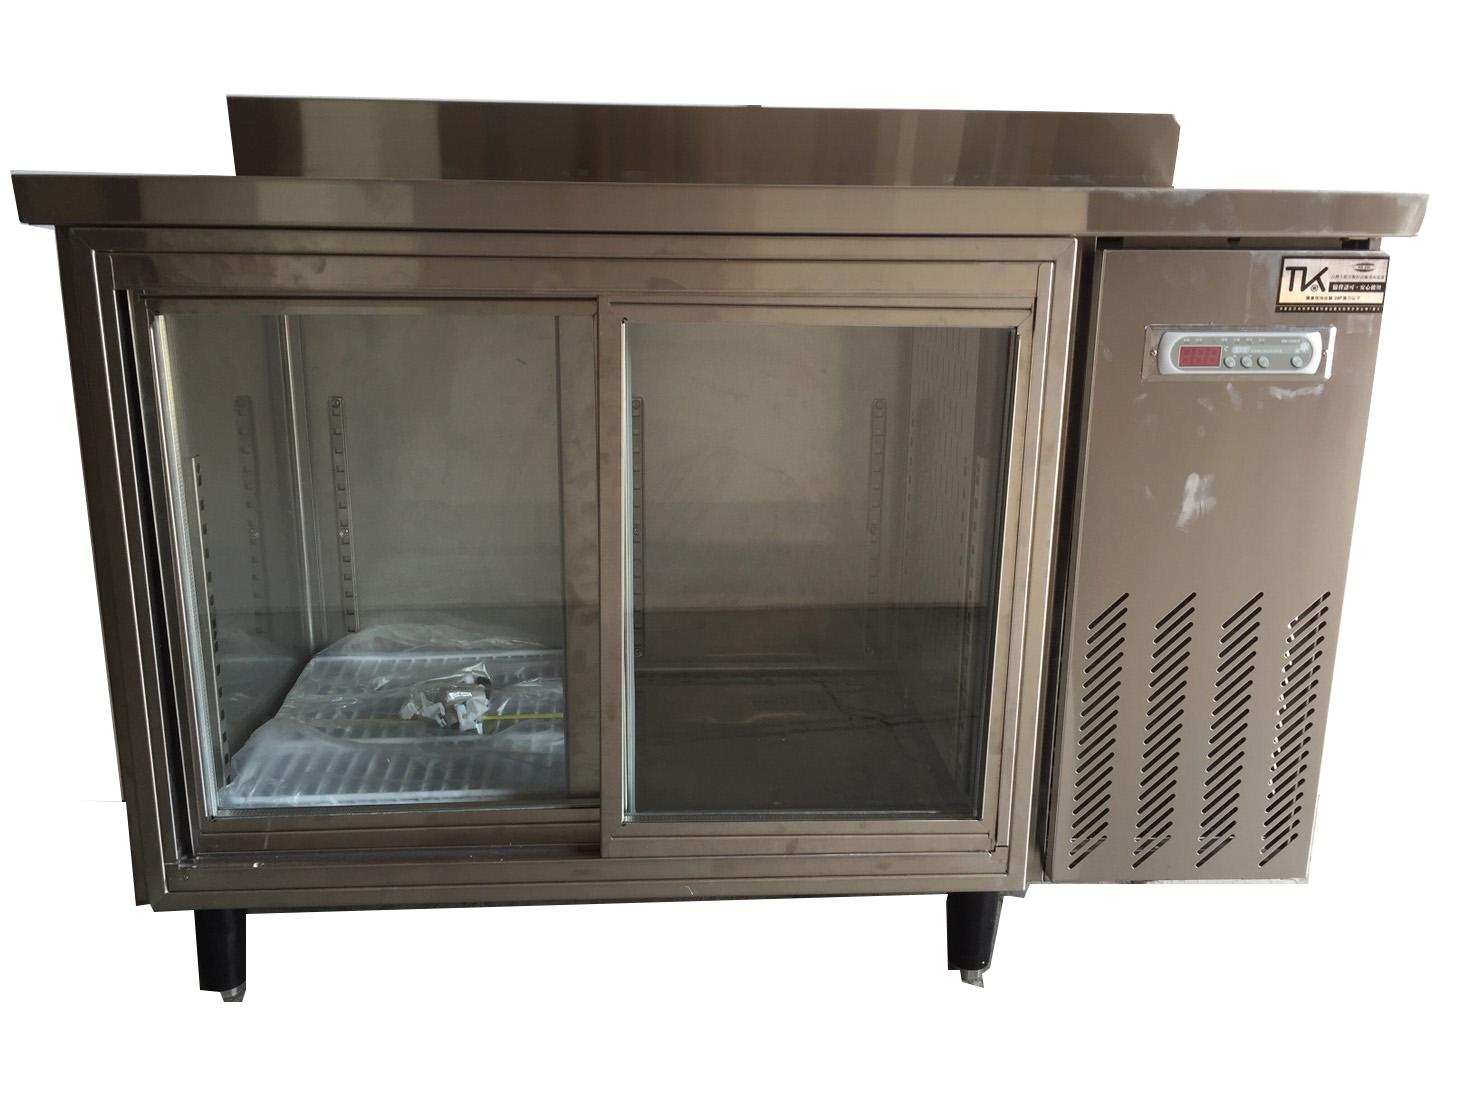 臥式展示無霜推門式冷藏櫃1.png